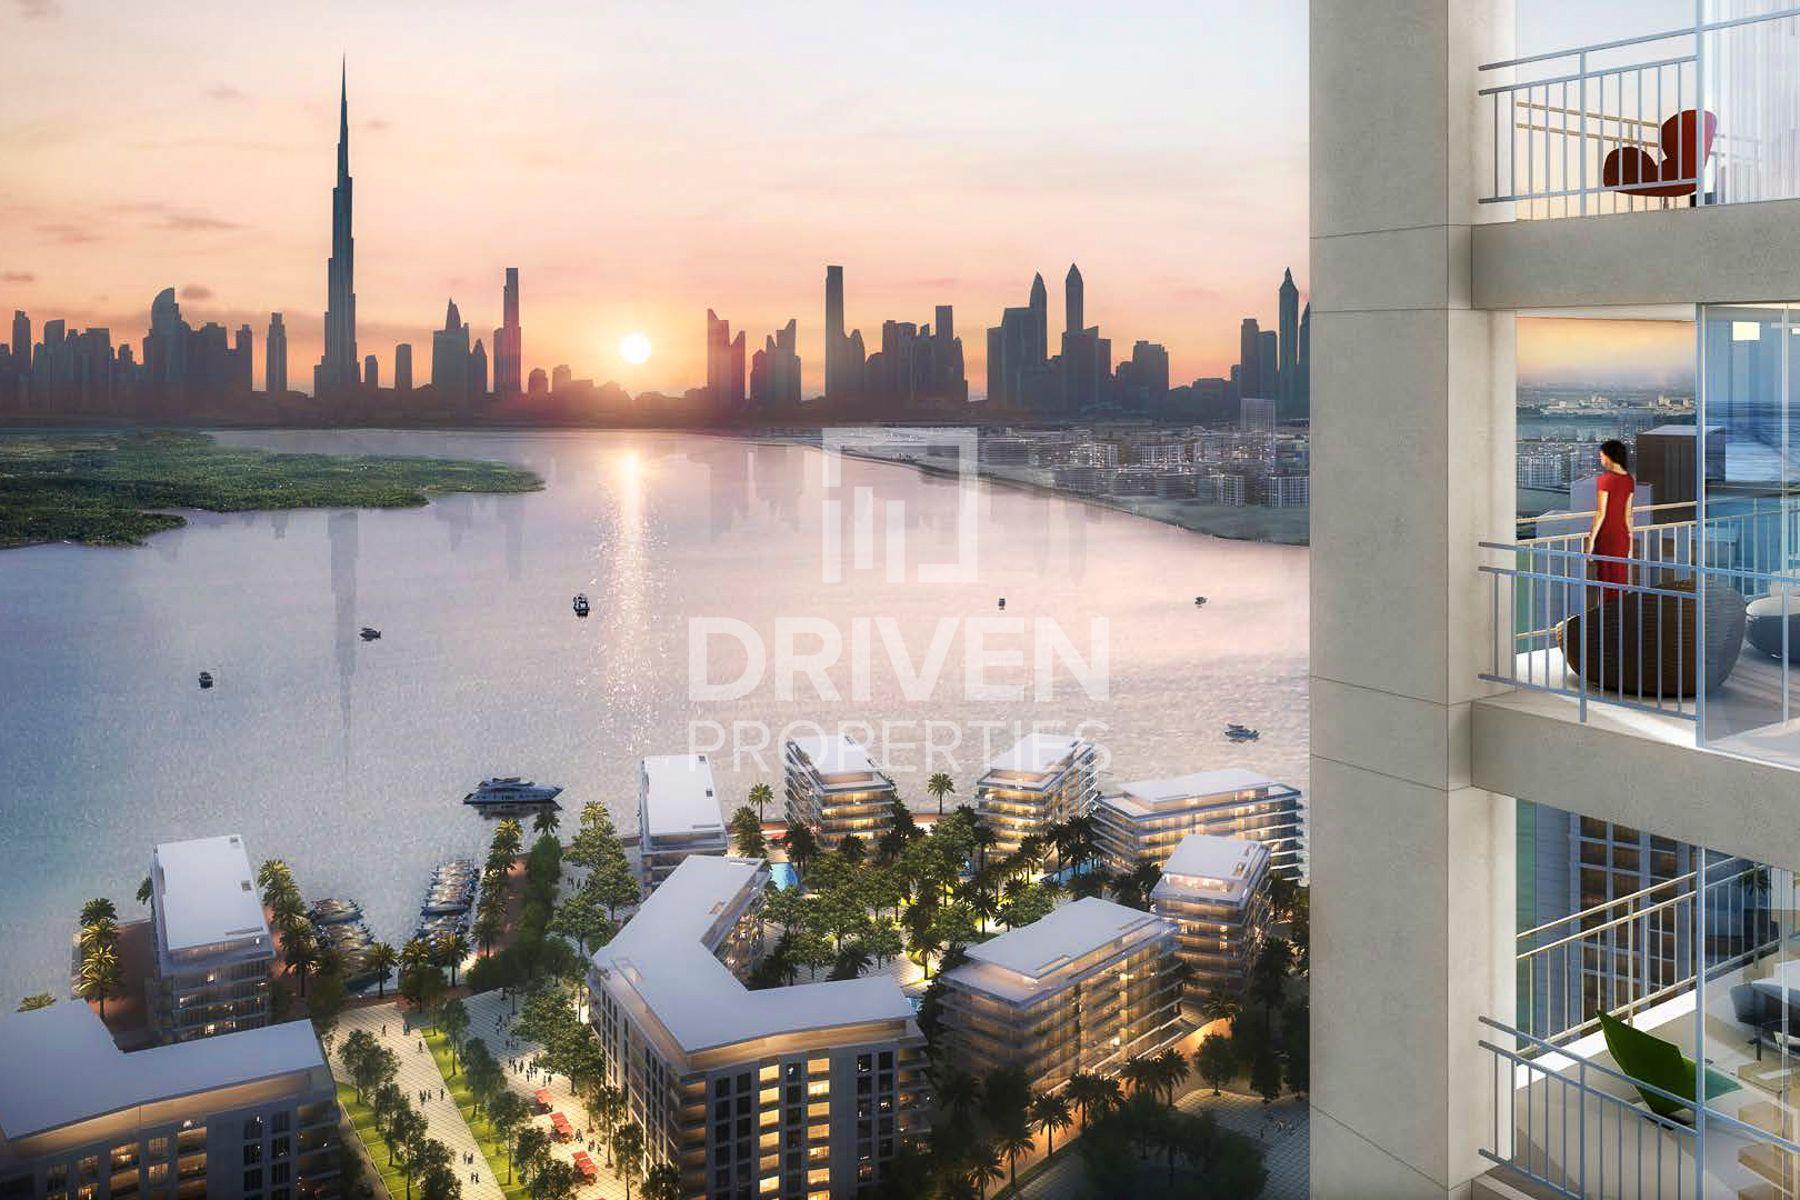 760 قدم مربع  شقة - للبيع - ميناء خور دبي